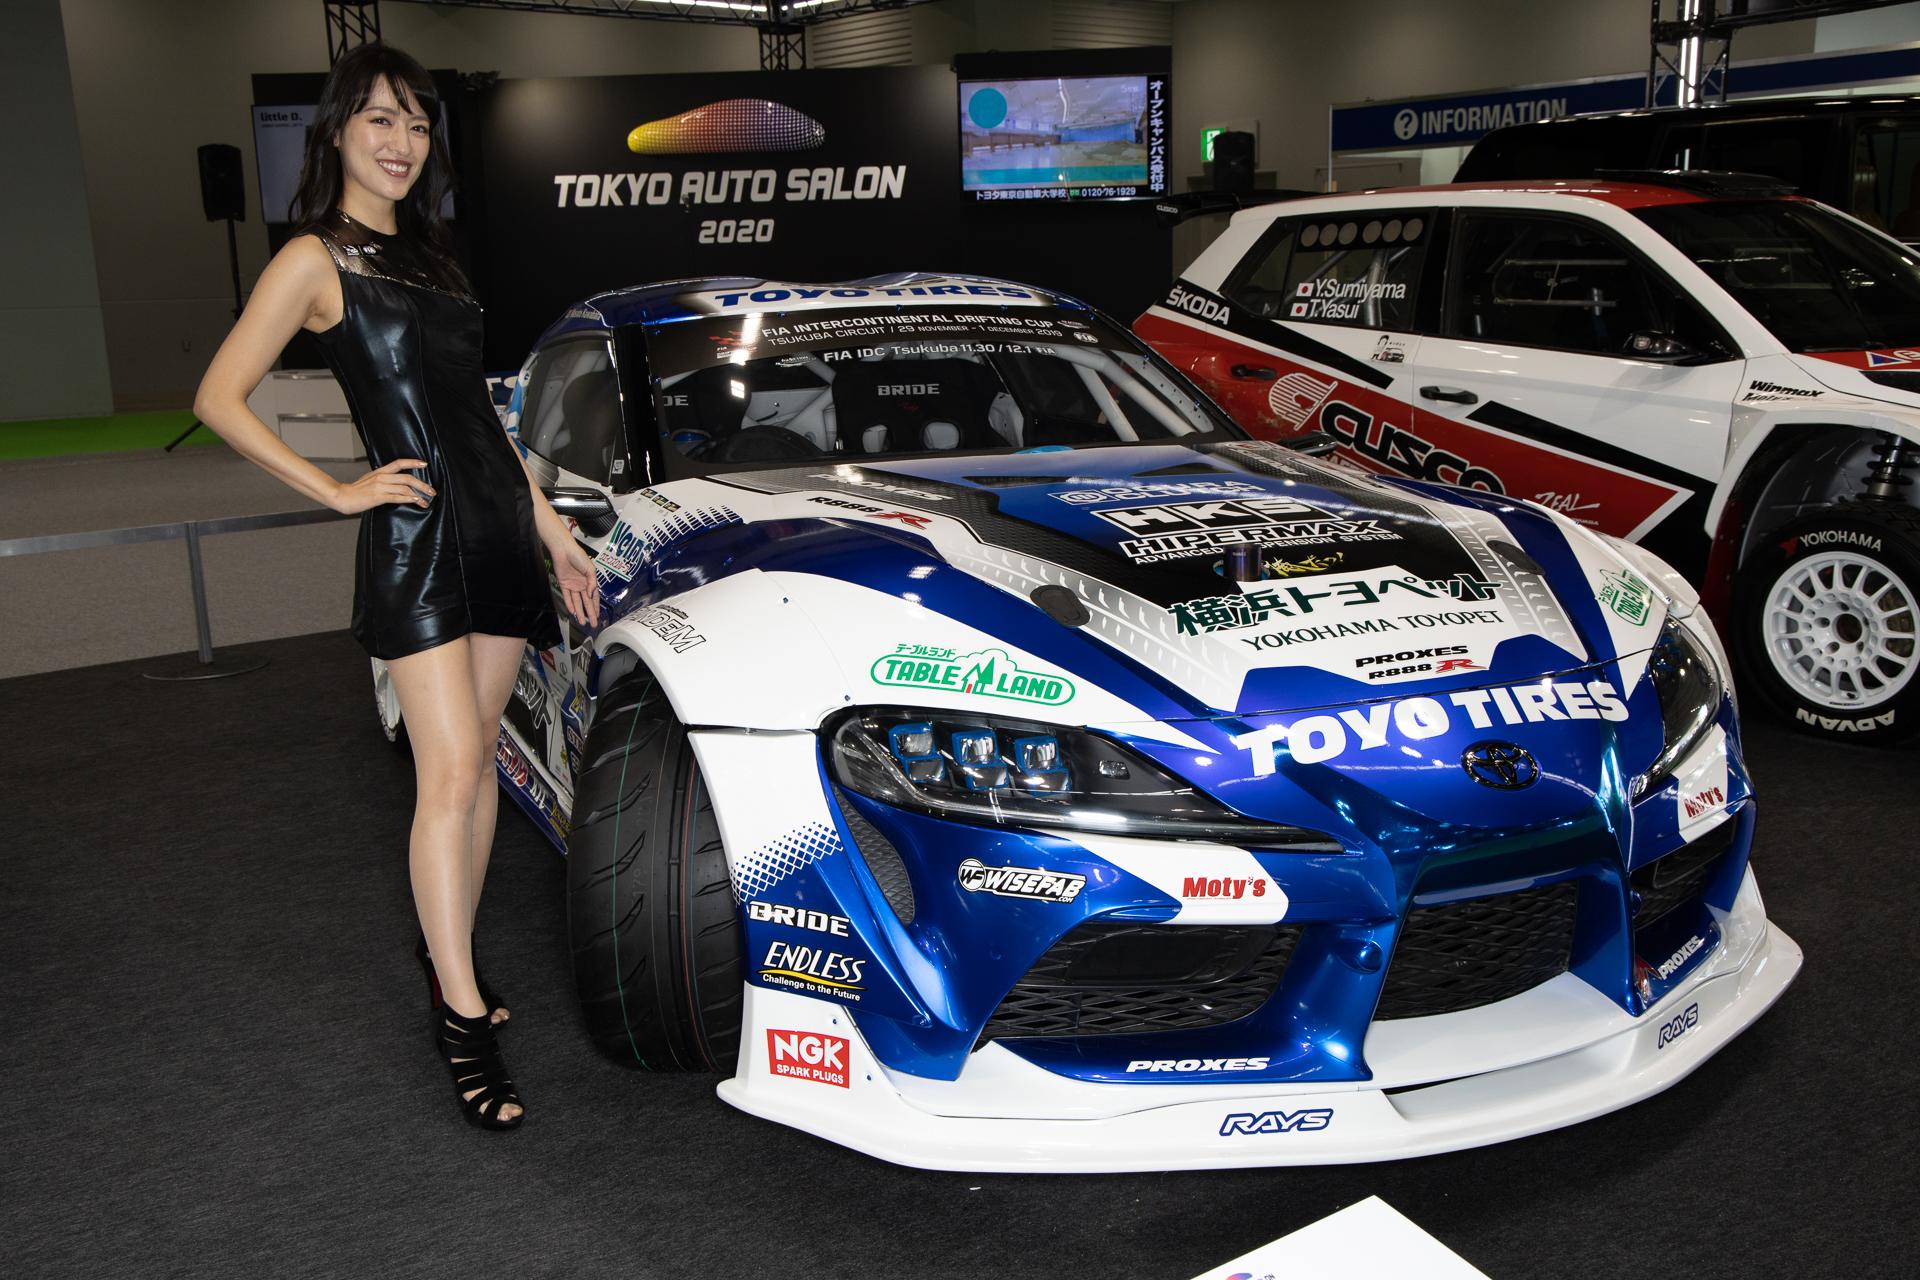 東京モーターショー2019に日本最大級のカスタムカーイベントである東京オートサロンが出展!展示車両をチェックした